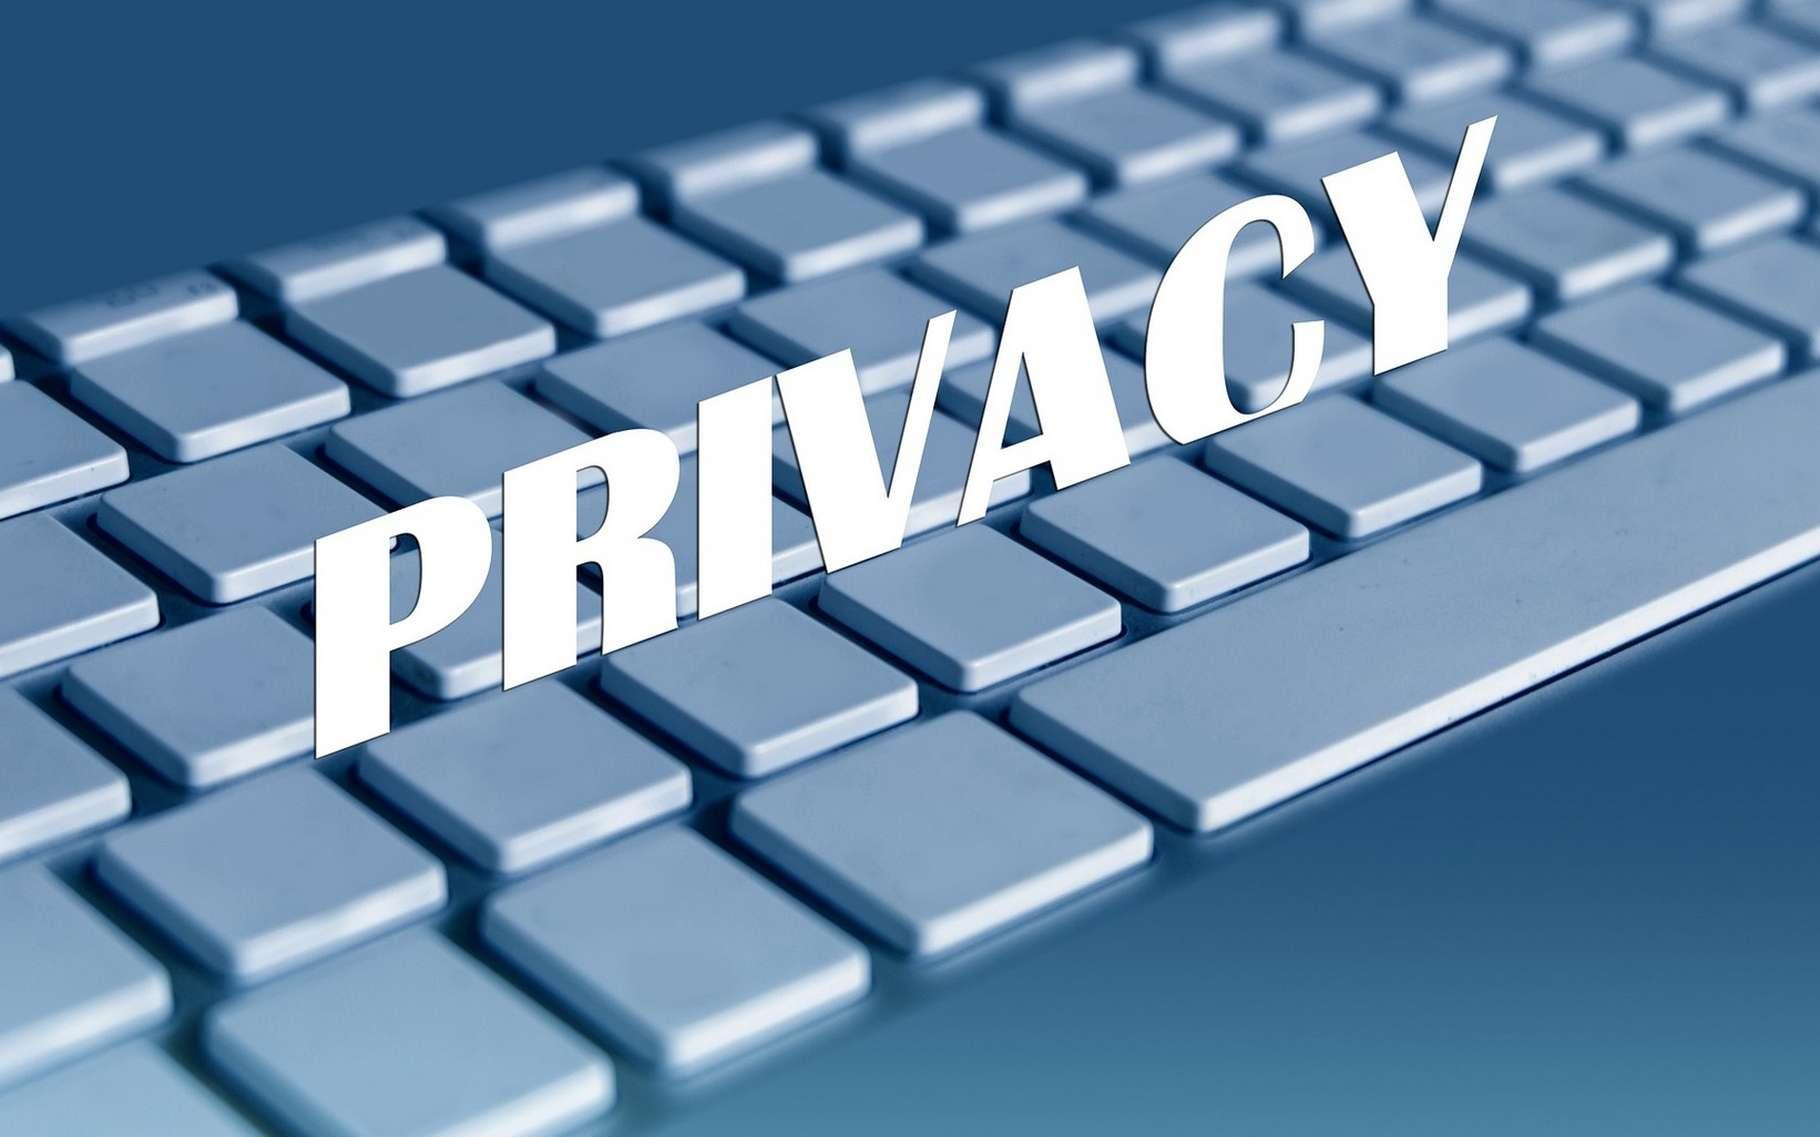 Votre adresse Gmail vous a peut-être servi à vous inscrire sur de nombreux sites et services qui conservent vos données personnelles alors que vous ne les consultez plus. Un peu de ménage s'impose. © Geralt, CC0 DP, via Pixabay